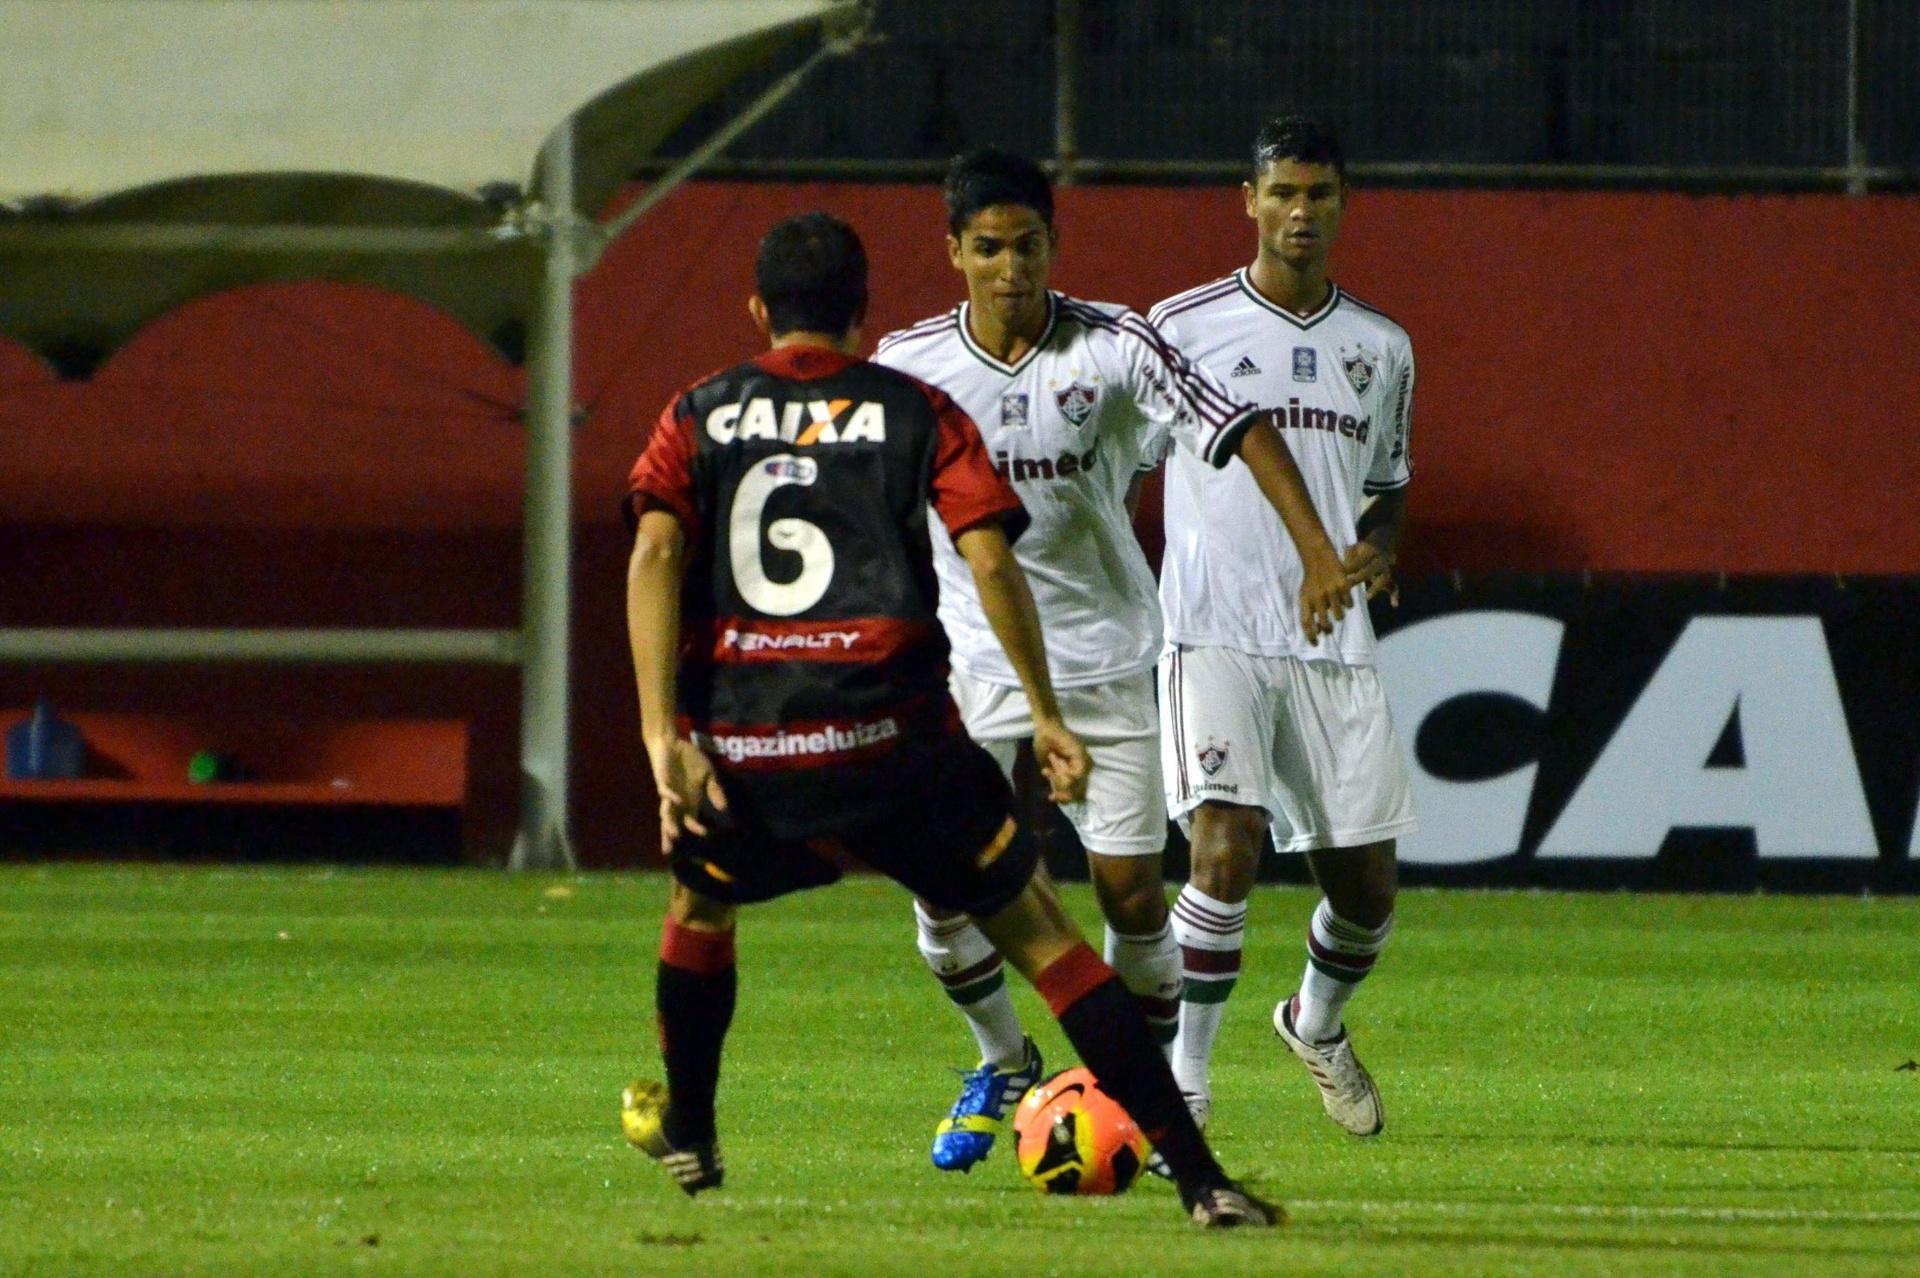 07.08.13 - Jean faz jogada na partida entre Fluminense e Vitória pelo Campeonato Brasileiro